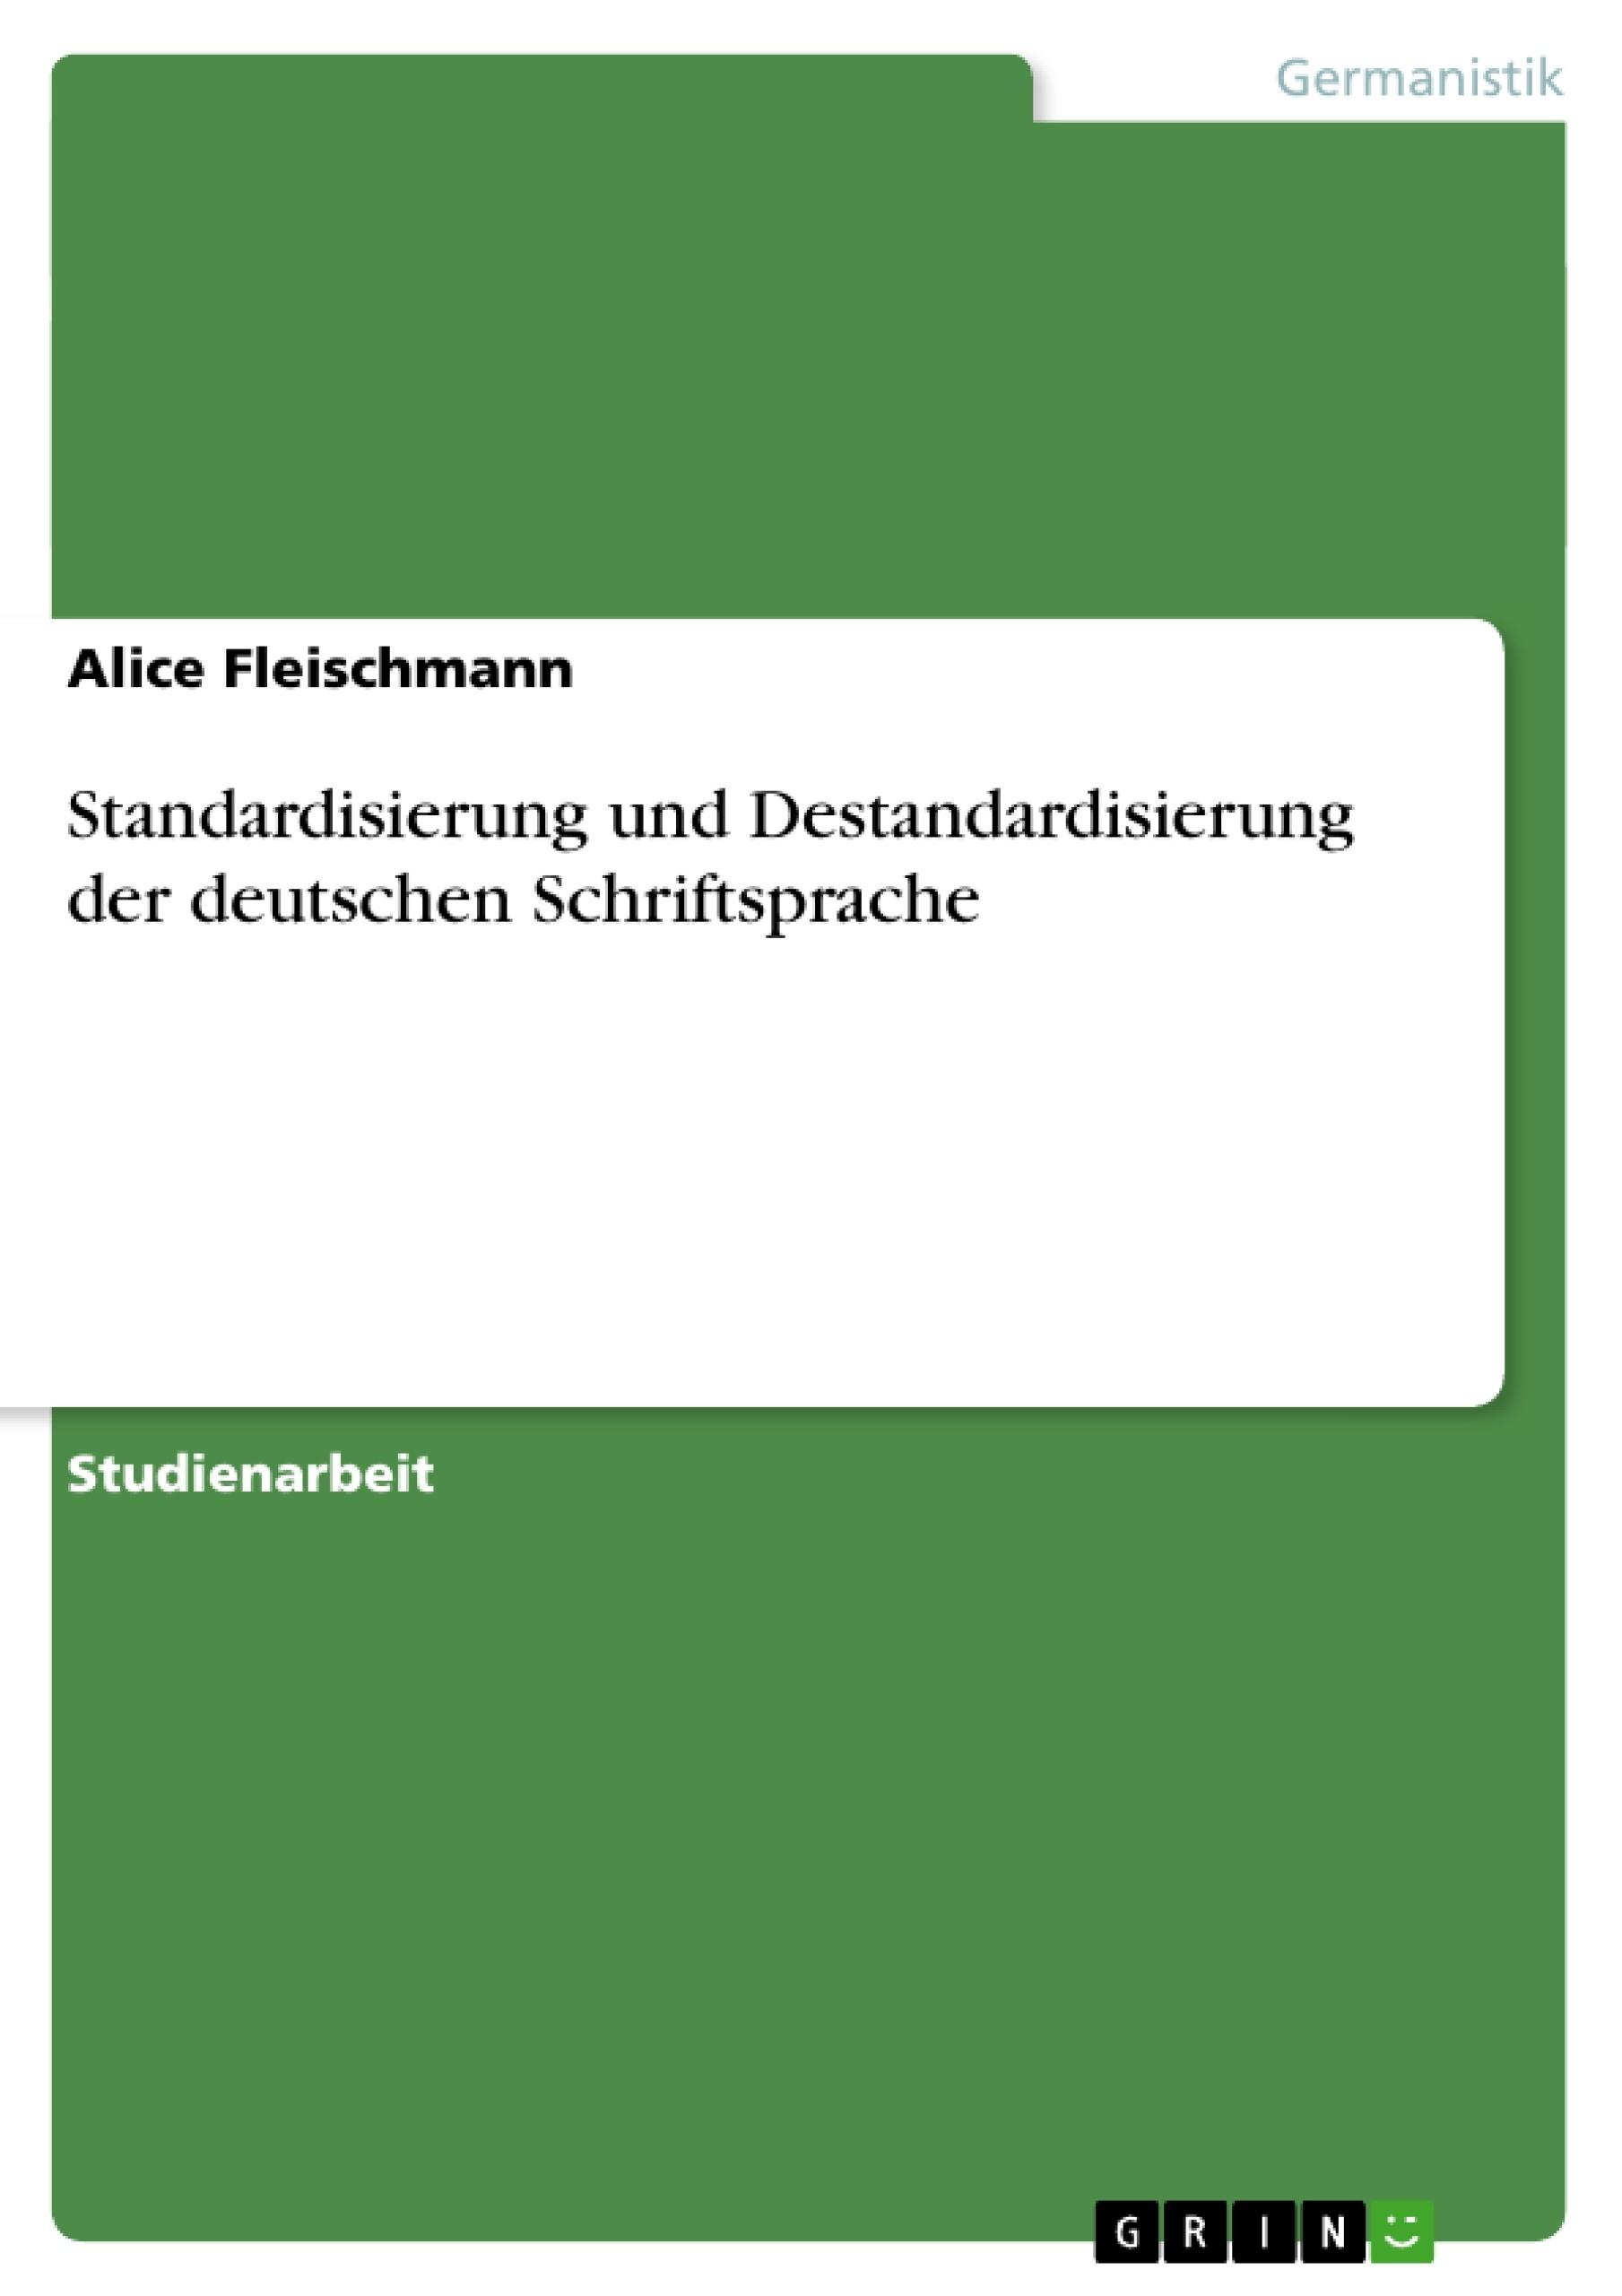 Titel: Standardisierung und Destandardisierung der deutschen Schriftsprache